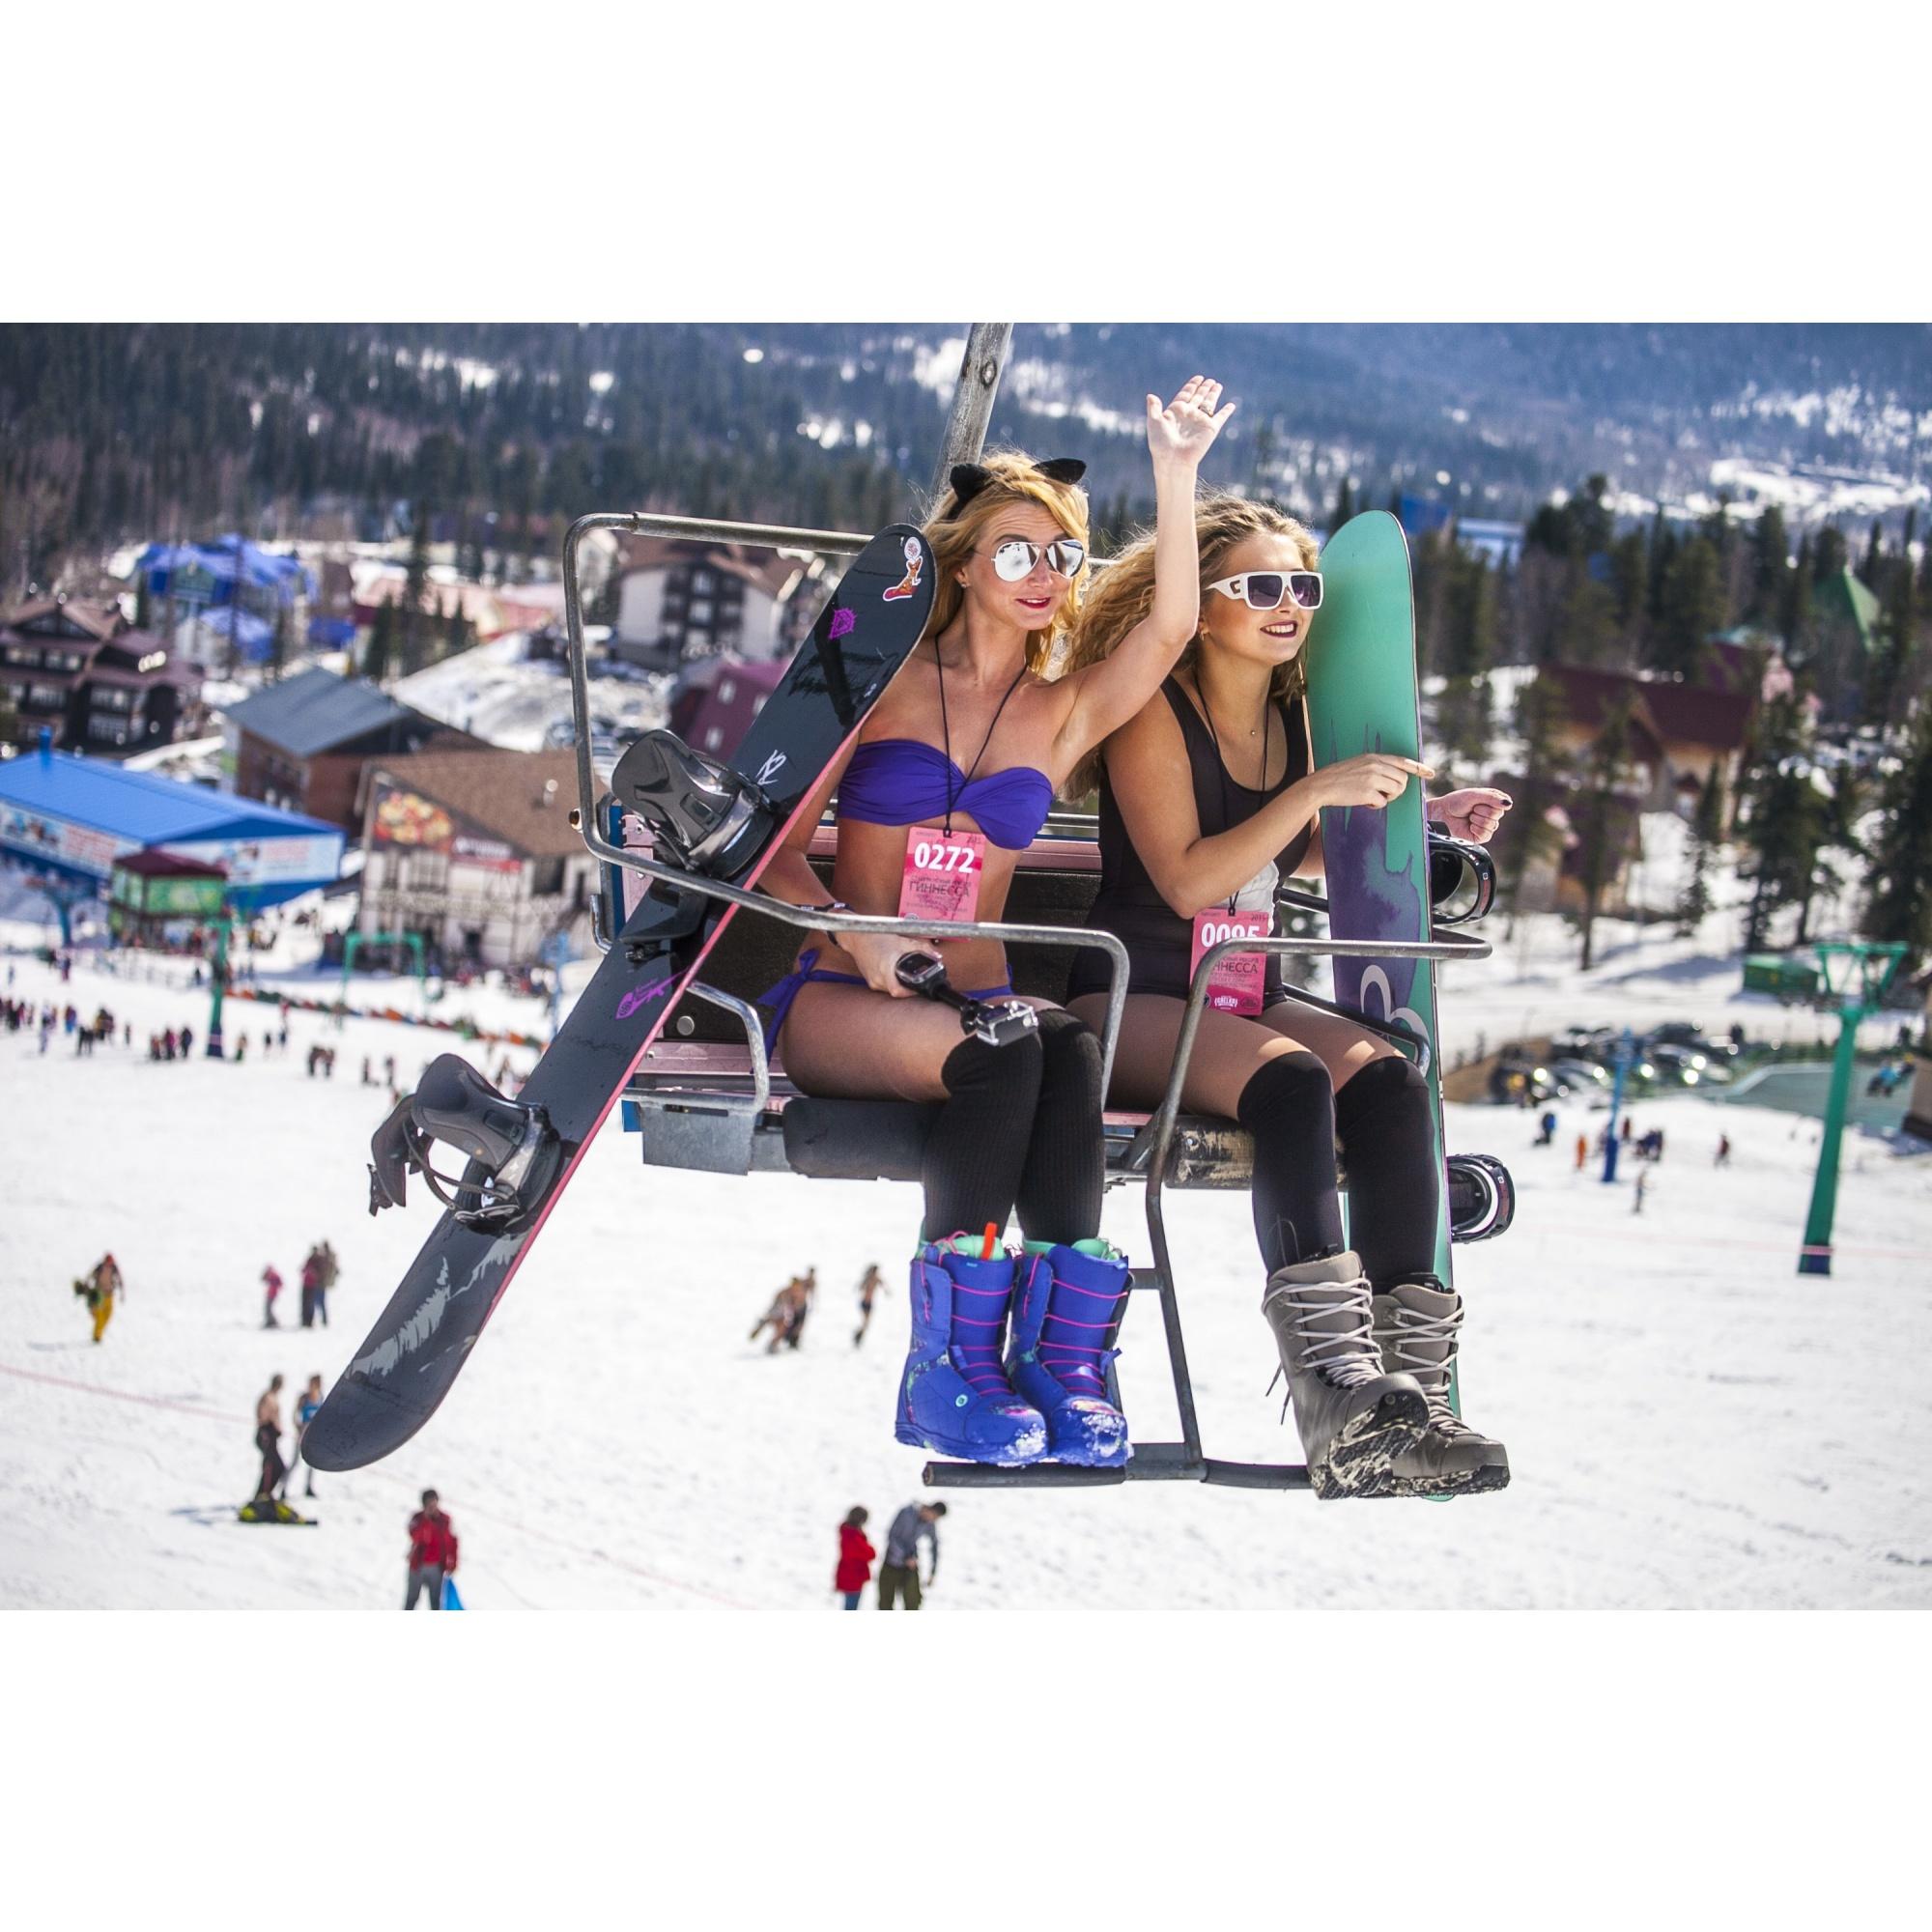 В день открытия сезона в Шерегеше пройдёт баттл «Кто круче» между сноубордистами и горнолыжникми